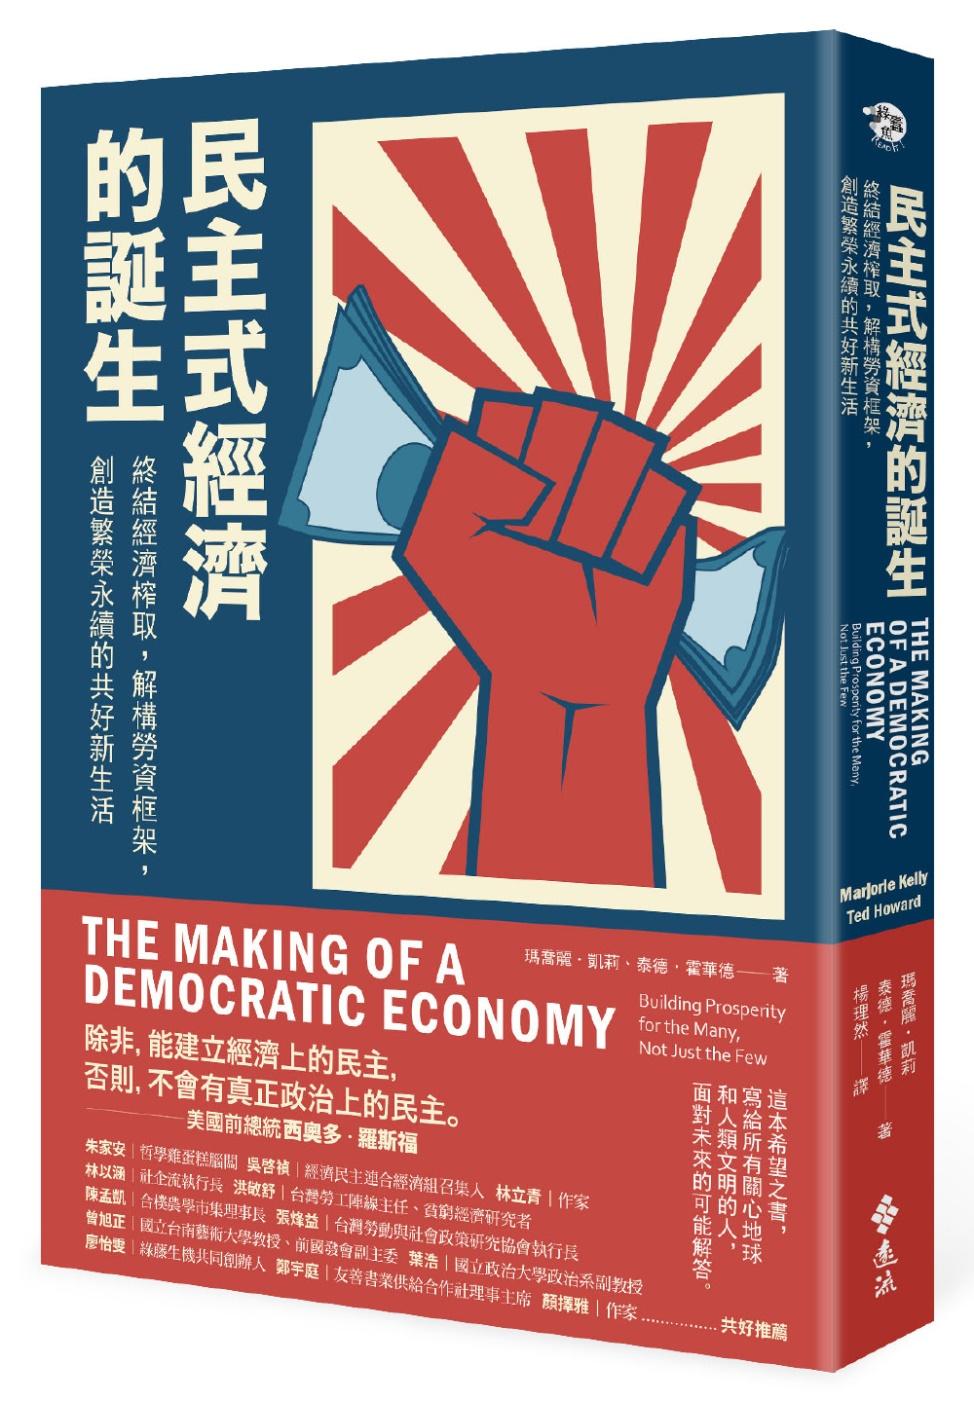 民主式經濟的誕生...